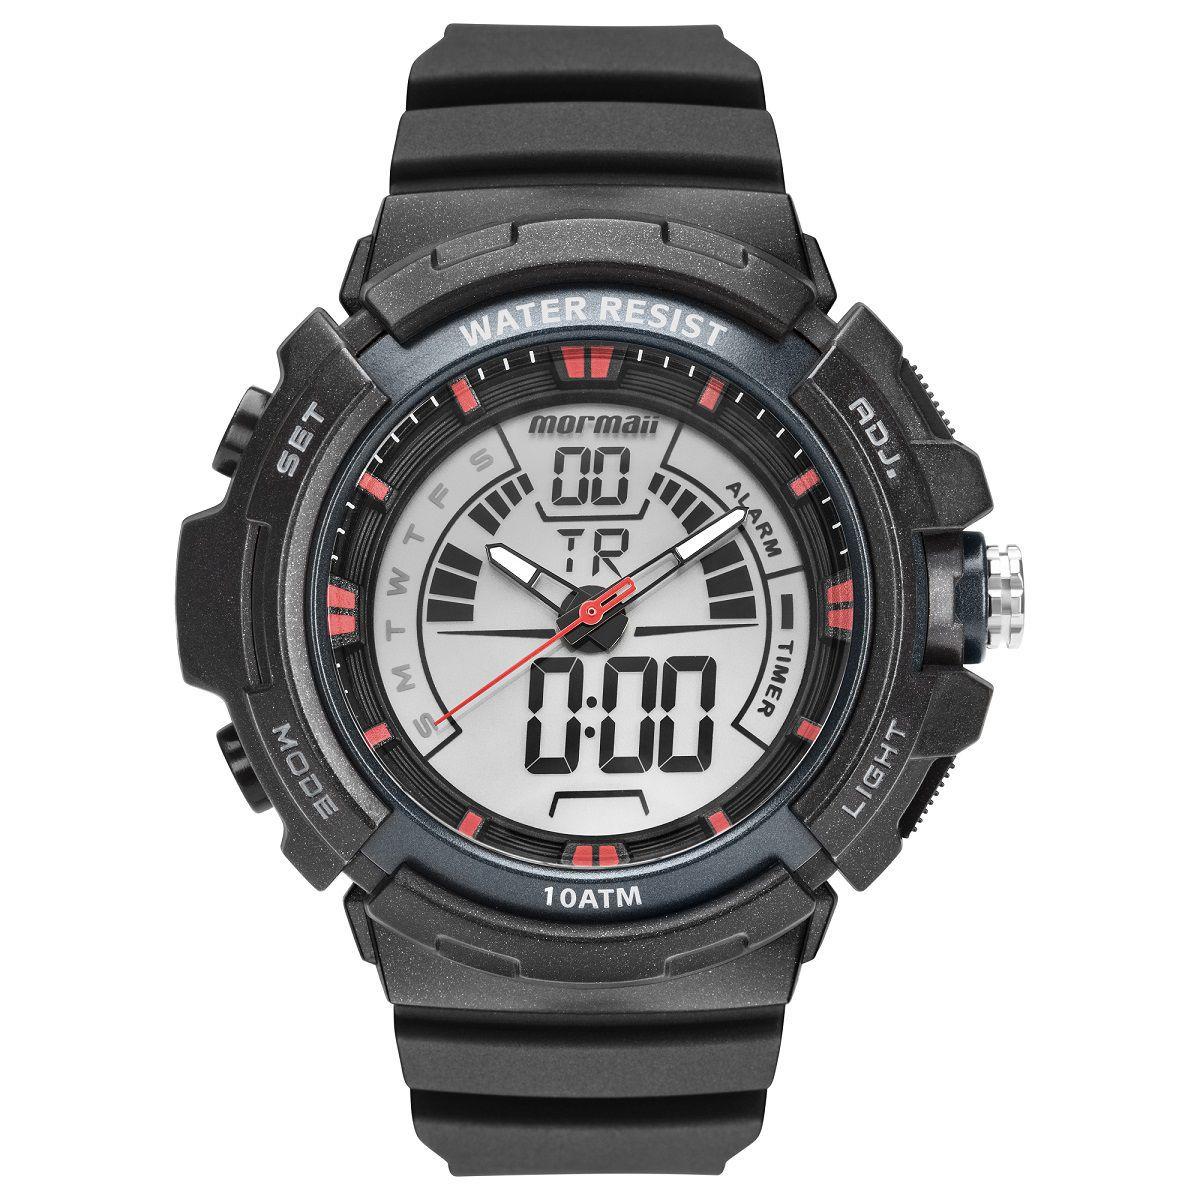 Relógio Masculino Mormaii Wave MO8902AA/8R 44mm Poliuretano Preto